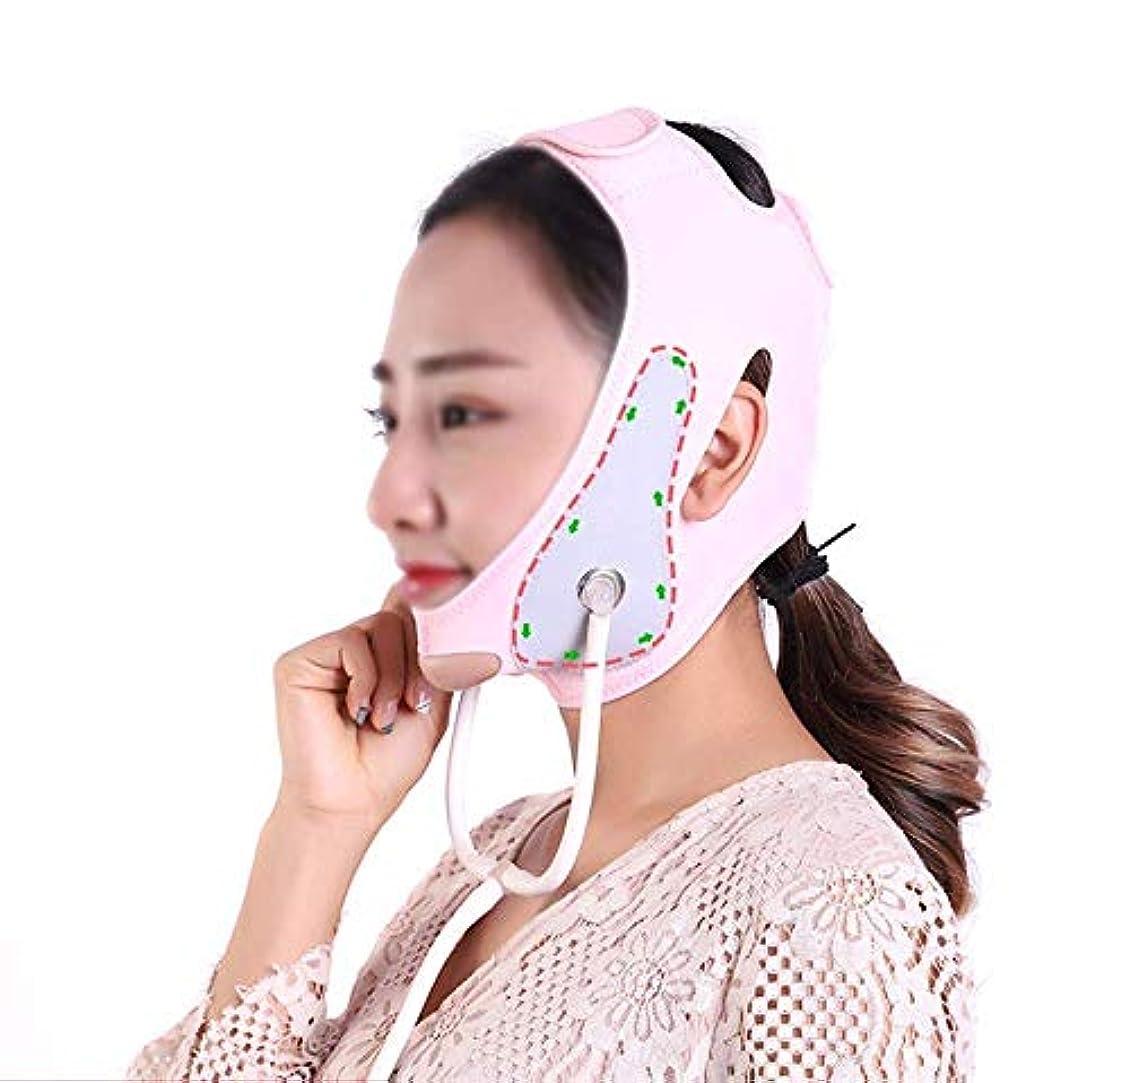 うま食堂肌フェイスアンドネックリフトポストエラスティックスリーブ薄いフェイスマスク引き締め肌の改善咬筋リフティング収縮薄いフェイス弾性包帯Vフェイスアーティファクト